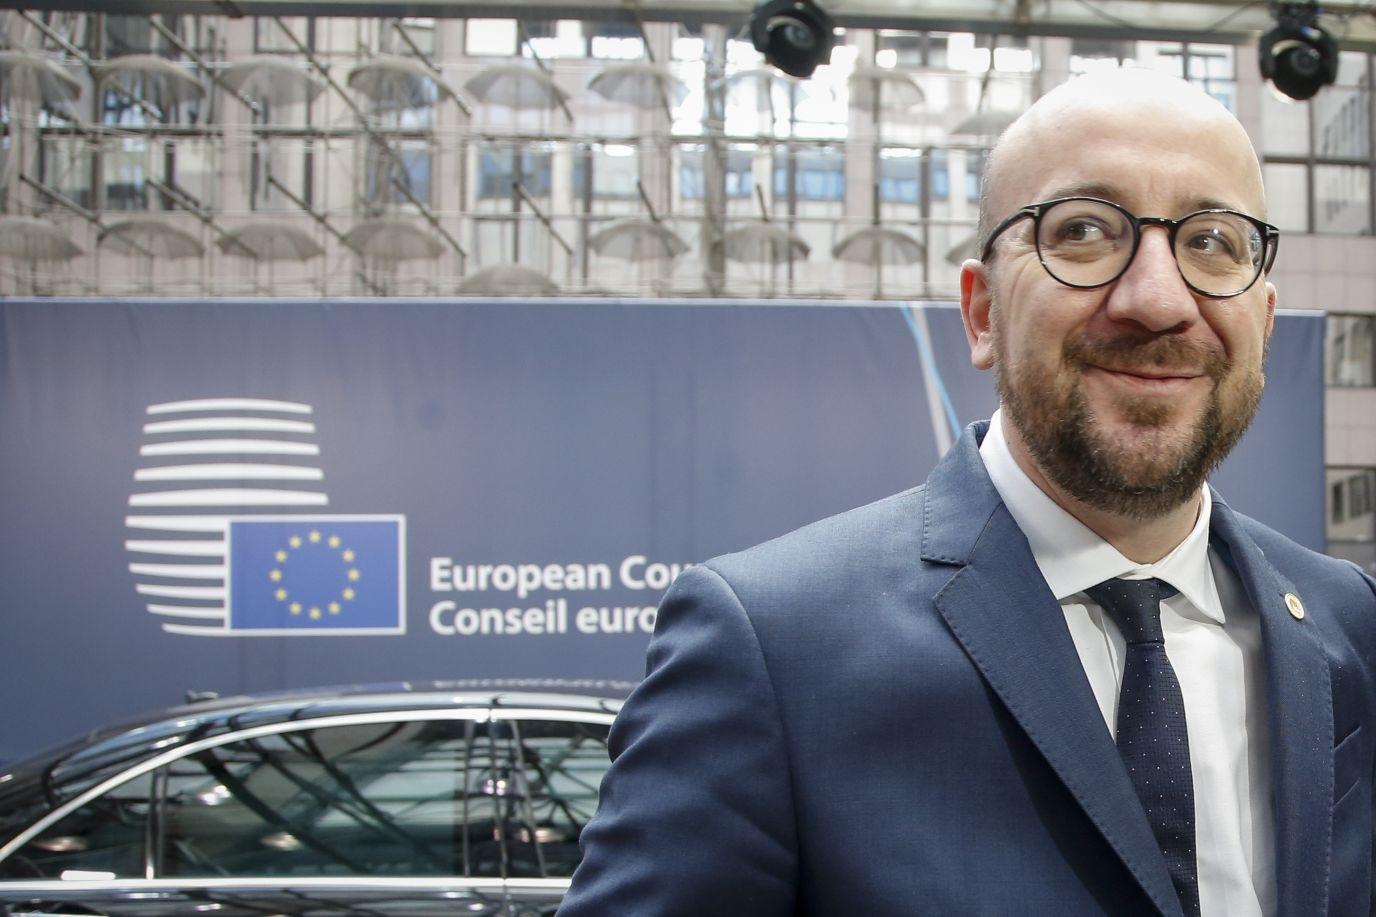 Przewodniczący Rady Europejskiej Charles Michel/źródło: Kancelaria Premiera Belgii